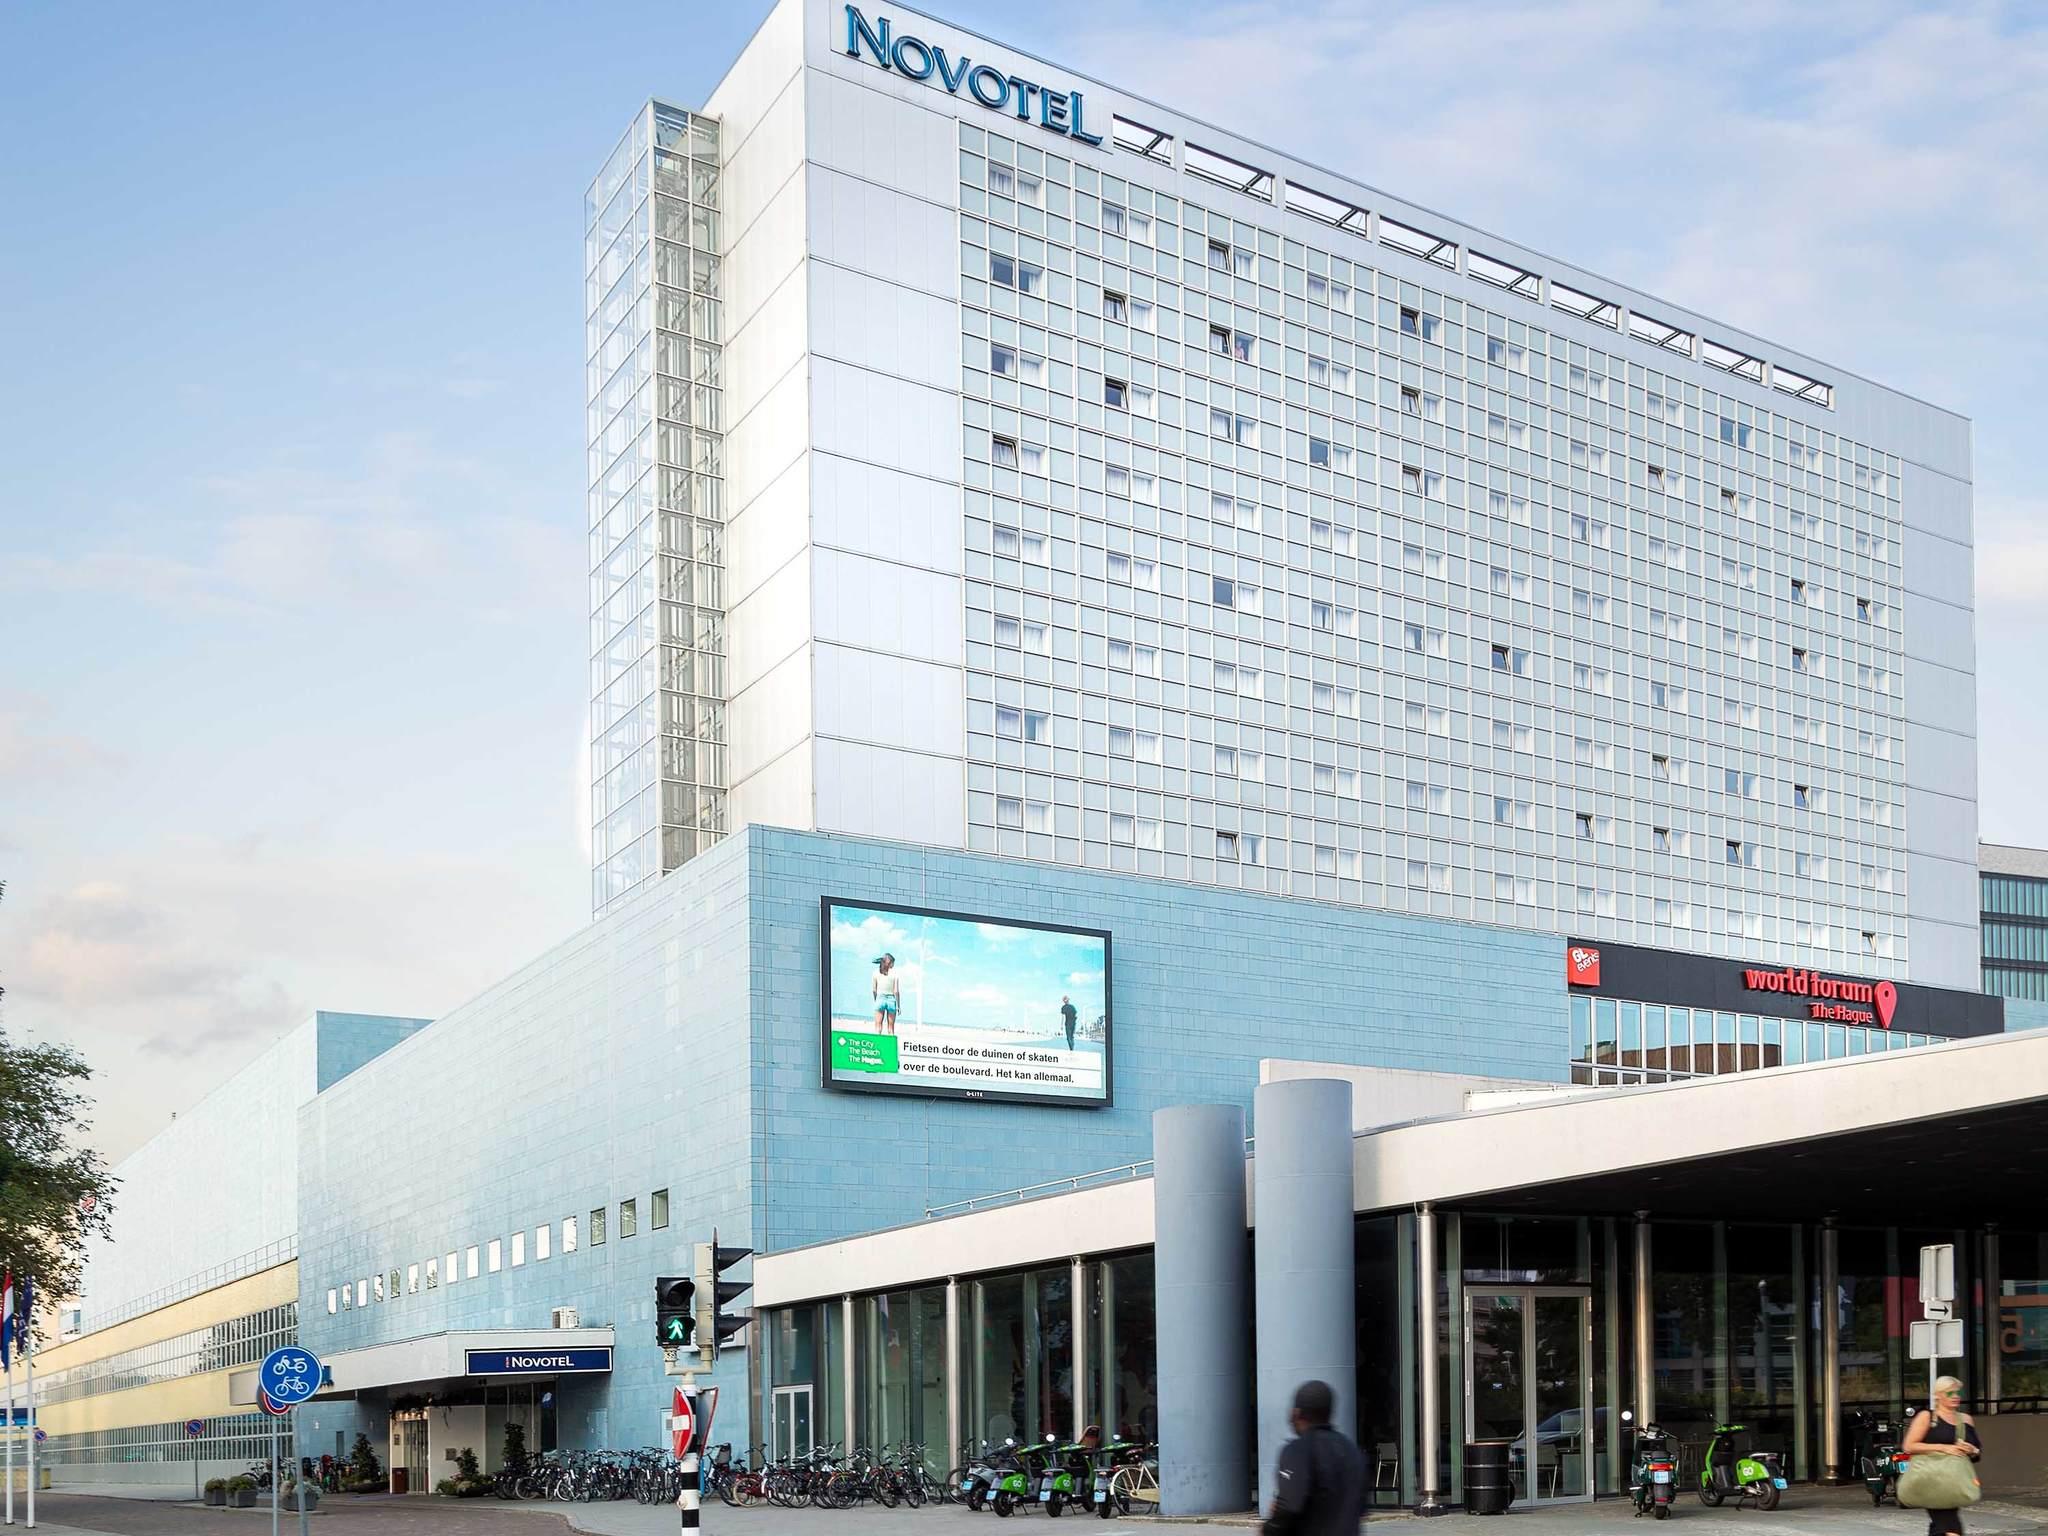 ホテル – ノボテルデンハーグワールドフォーラム